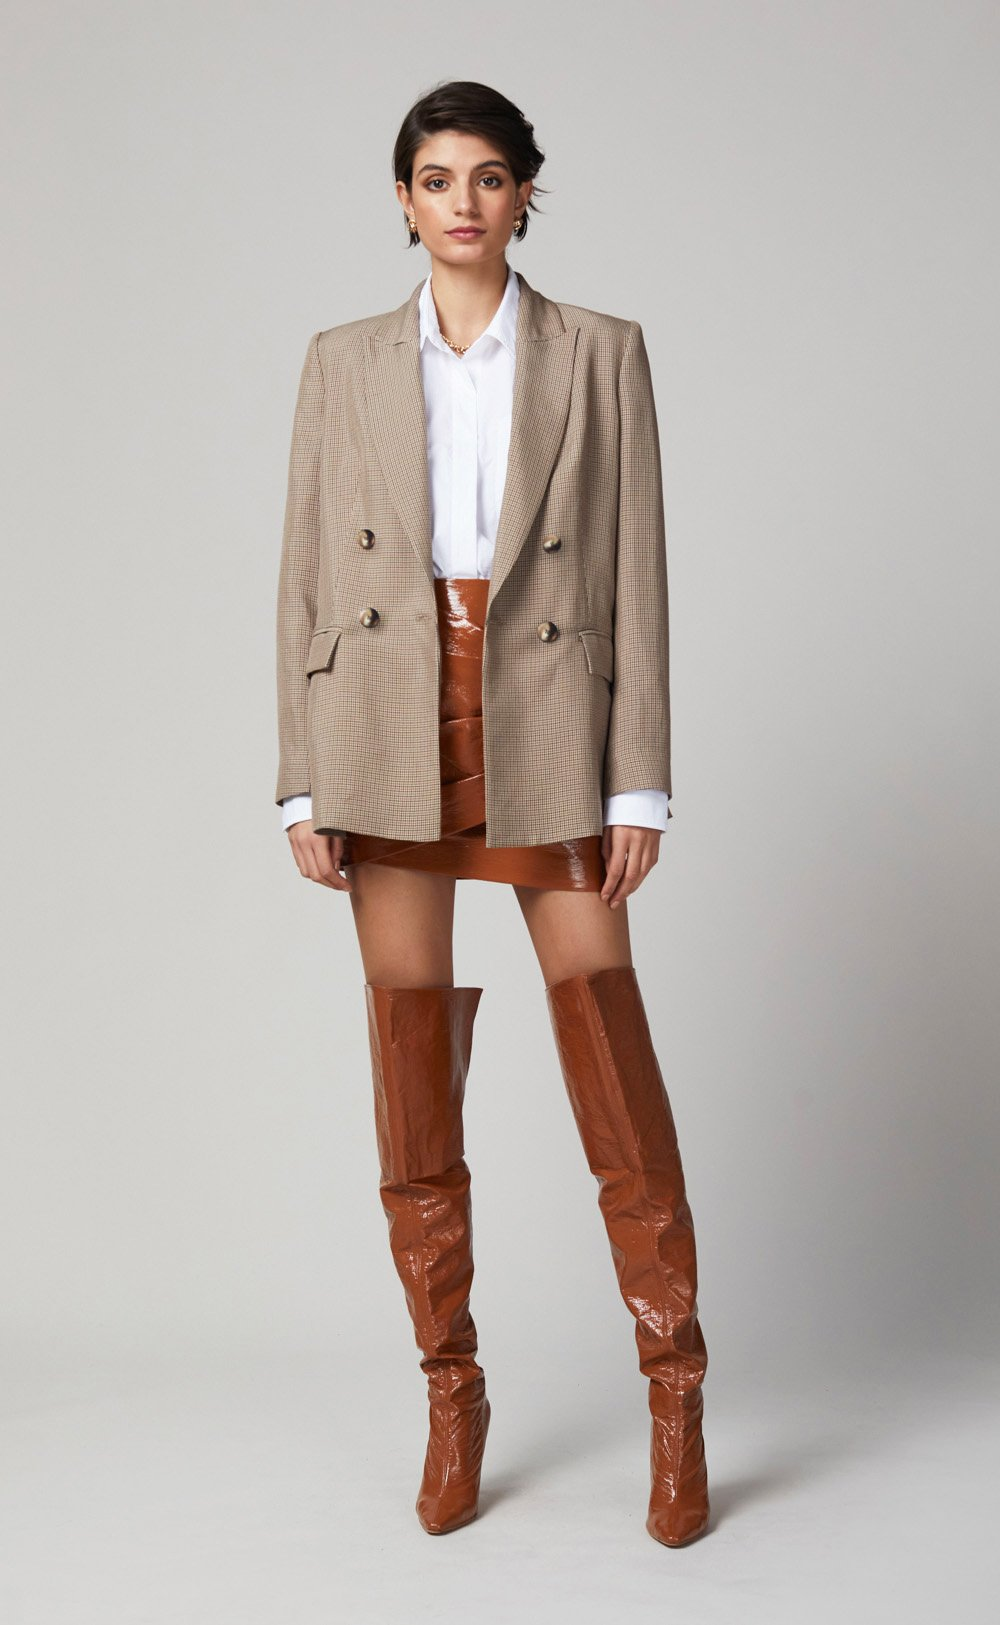 PERCY BLAZER by Bec + Bridge, available on becandbridge.com.au for $550 Natasha Oakley Outerwear Exact Product